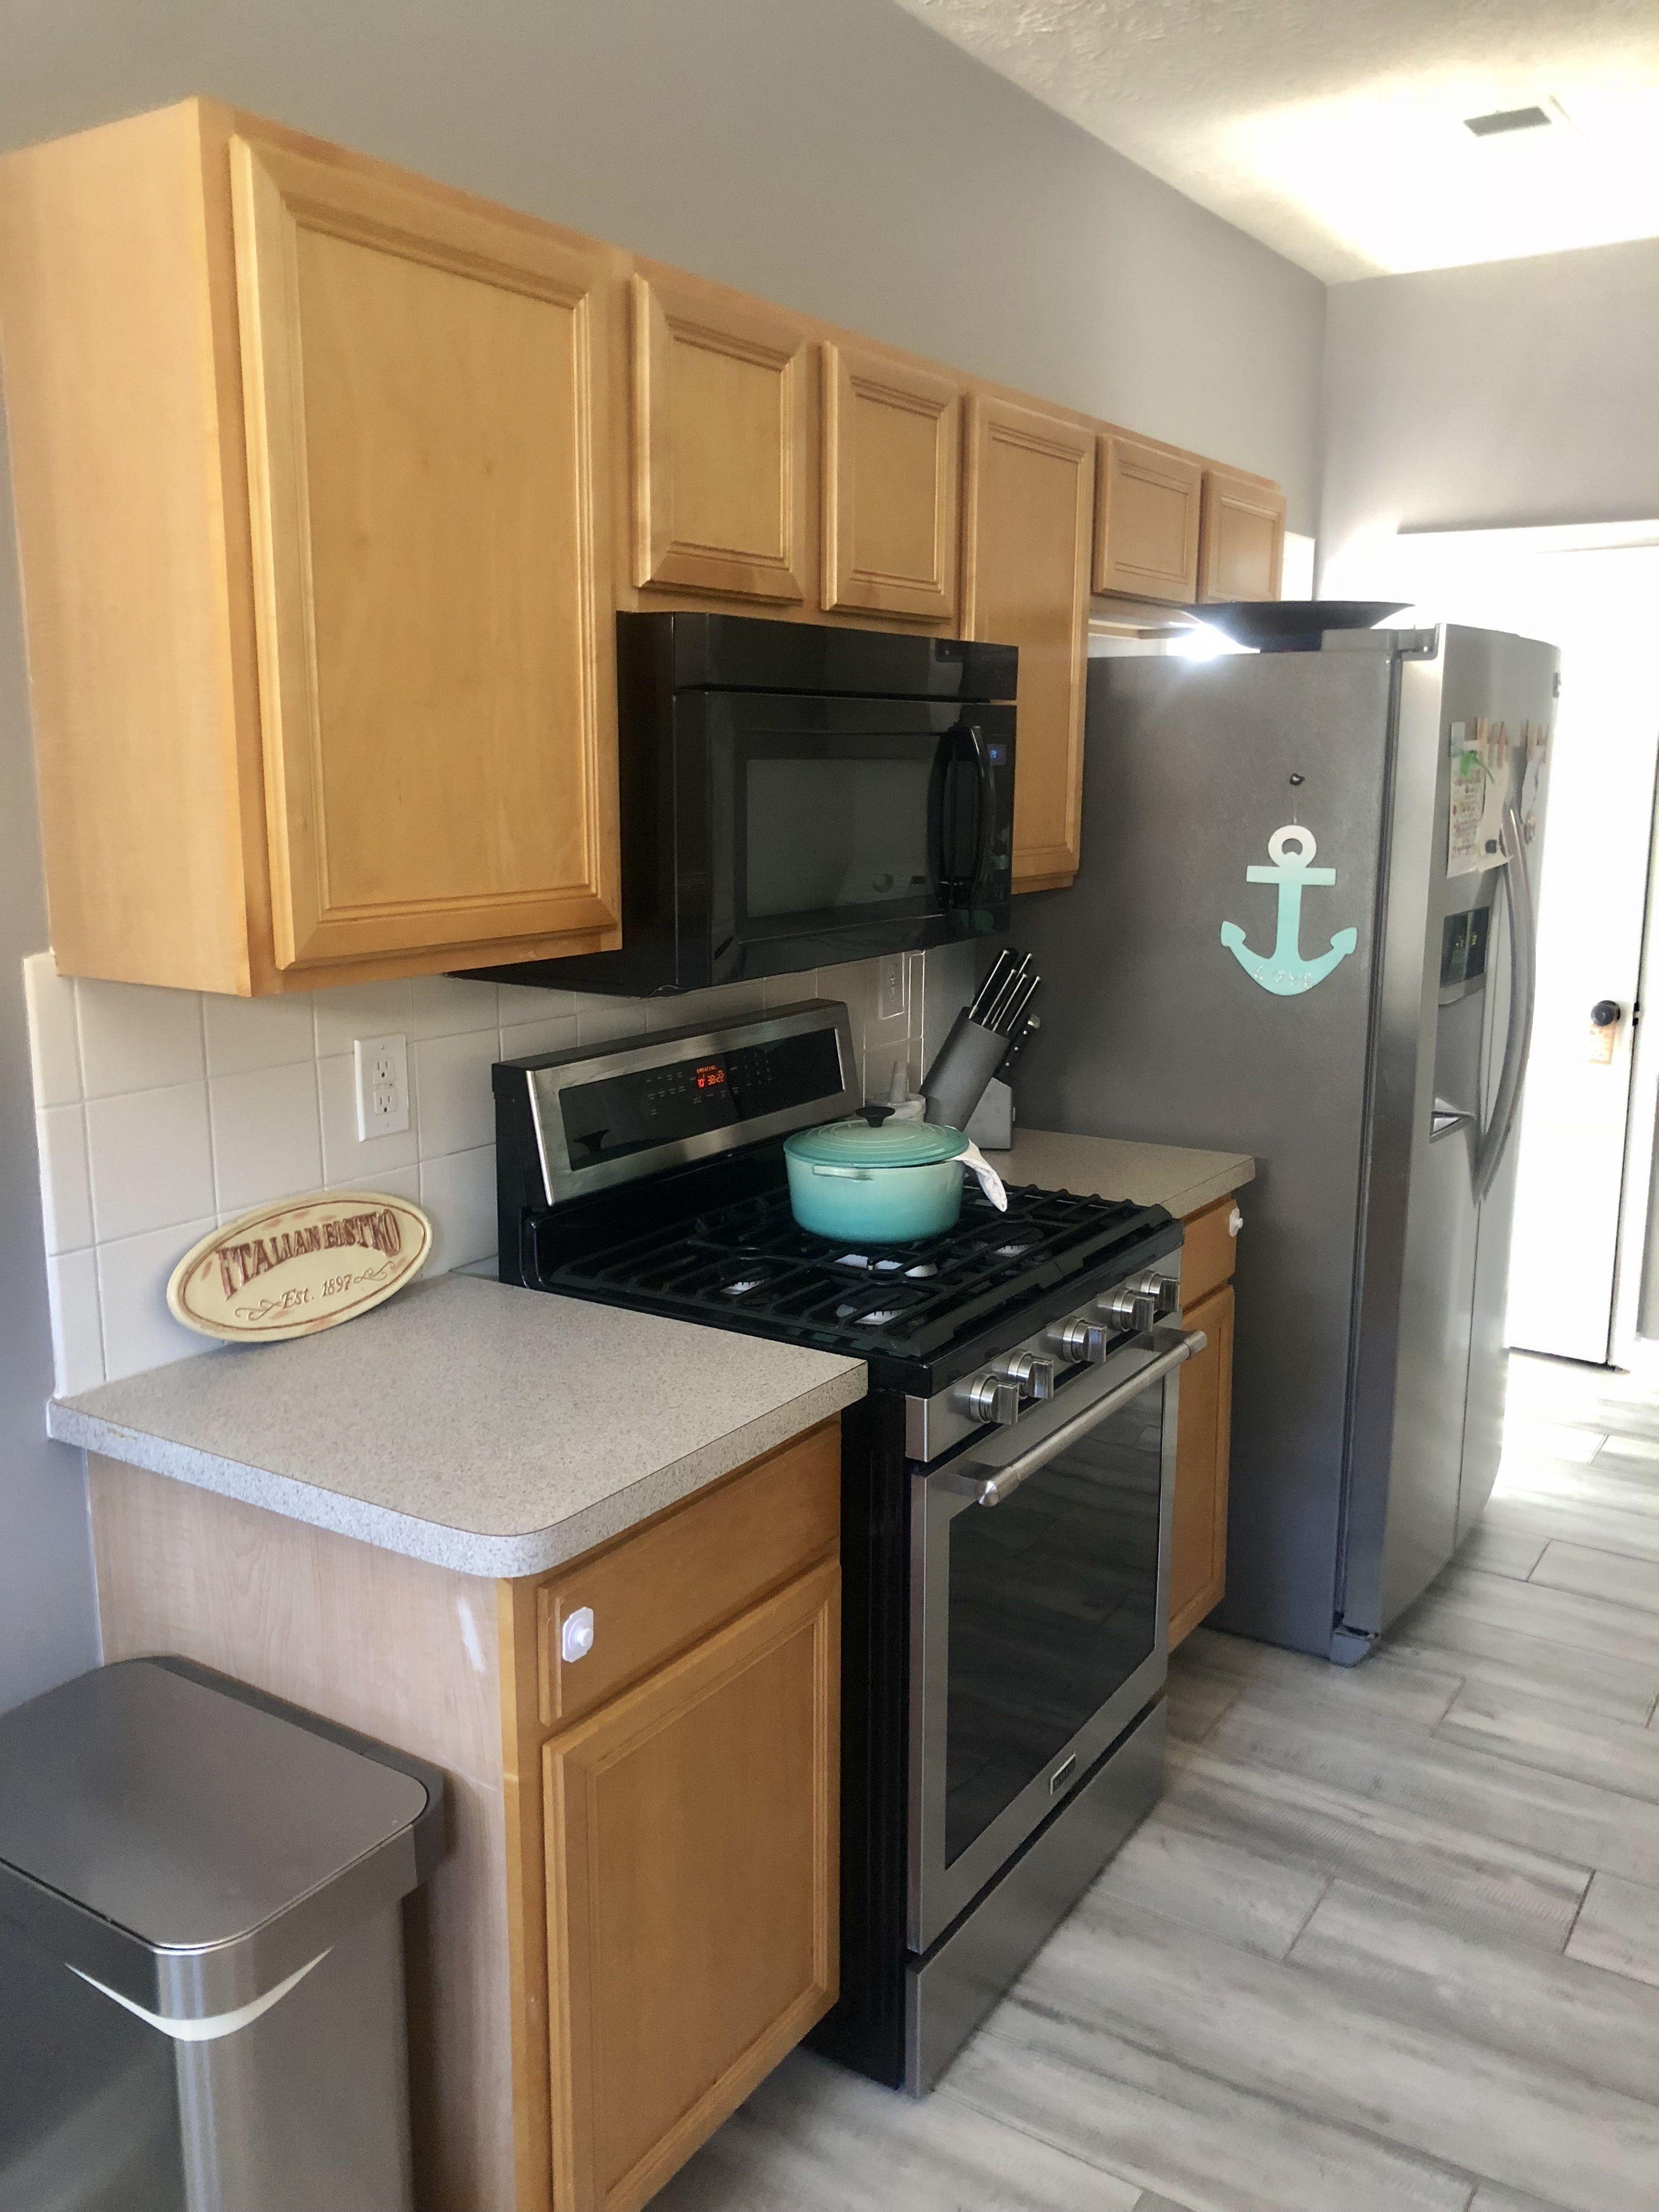 307 Summerstone Ct Canton Ga Kitchen Cabinets Home Decor Decor